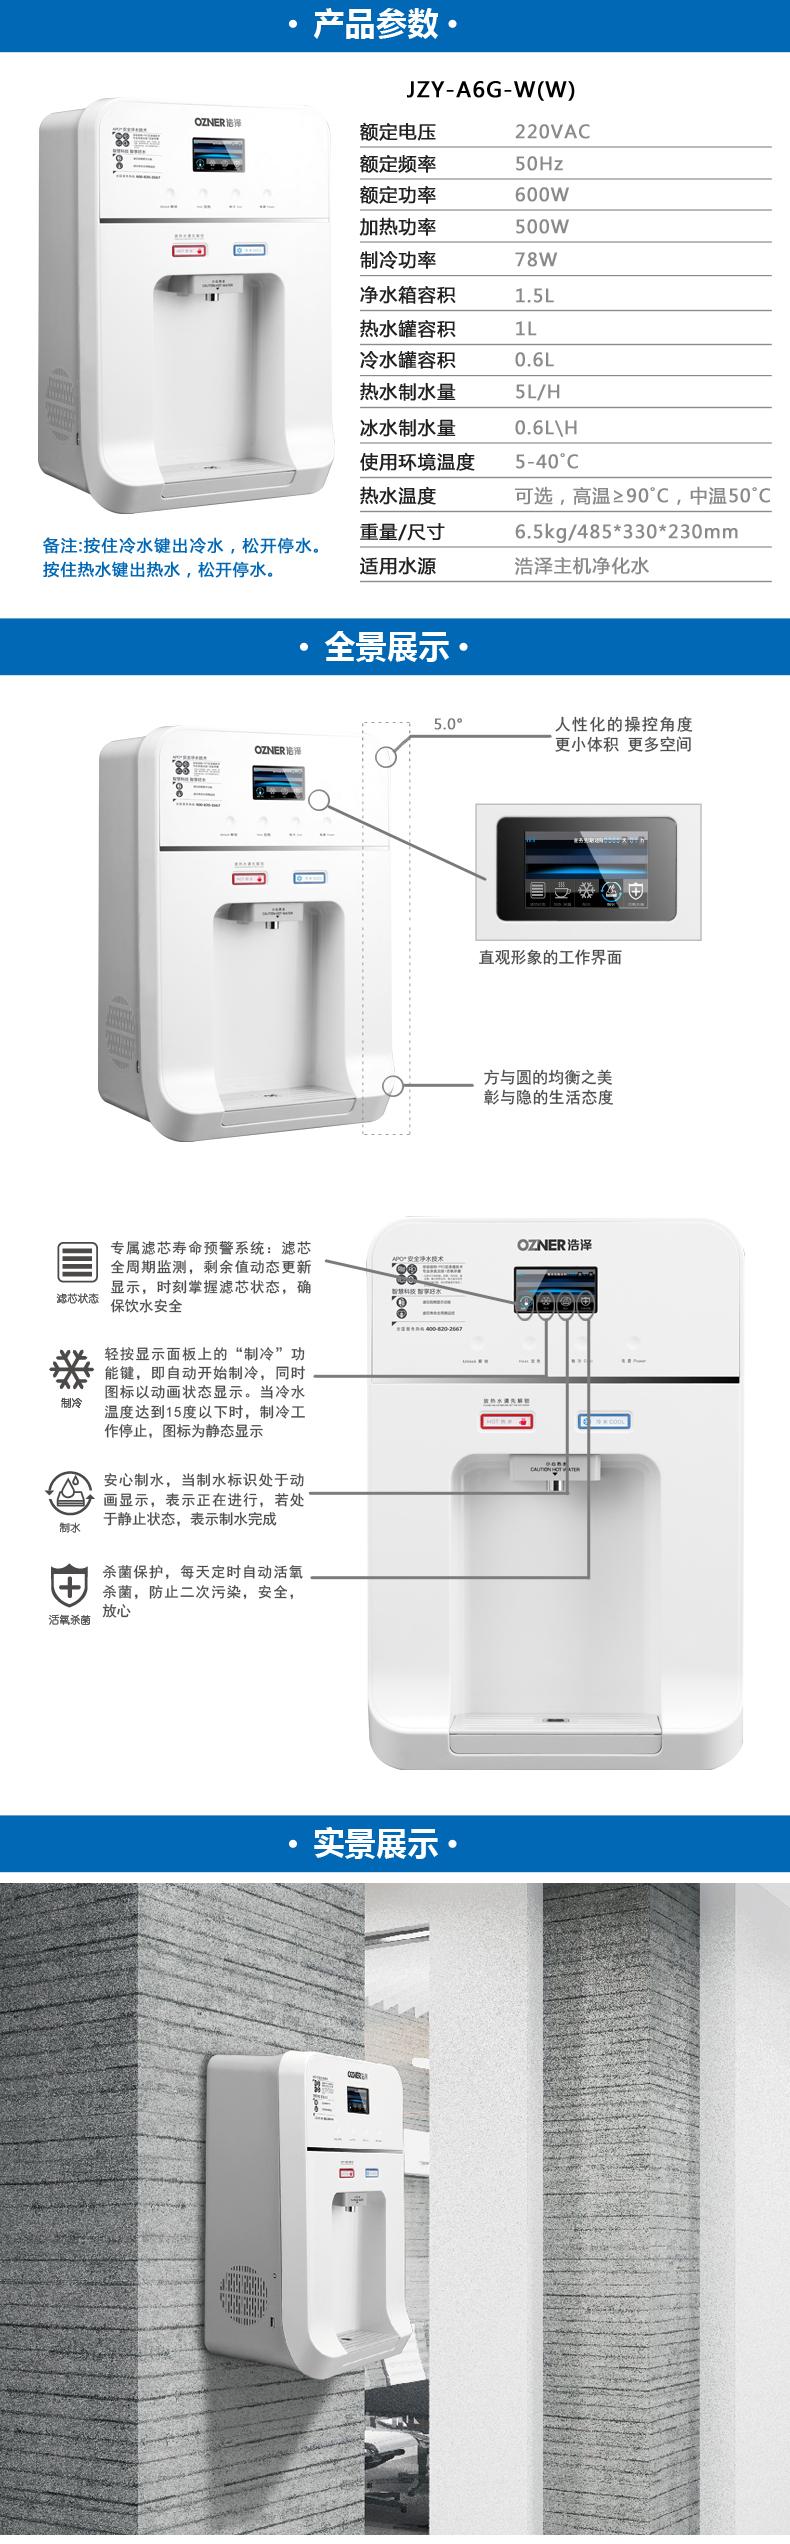 浩泽 壁挂式 个人 管线分机 JZY-A6G(W).jpg